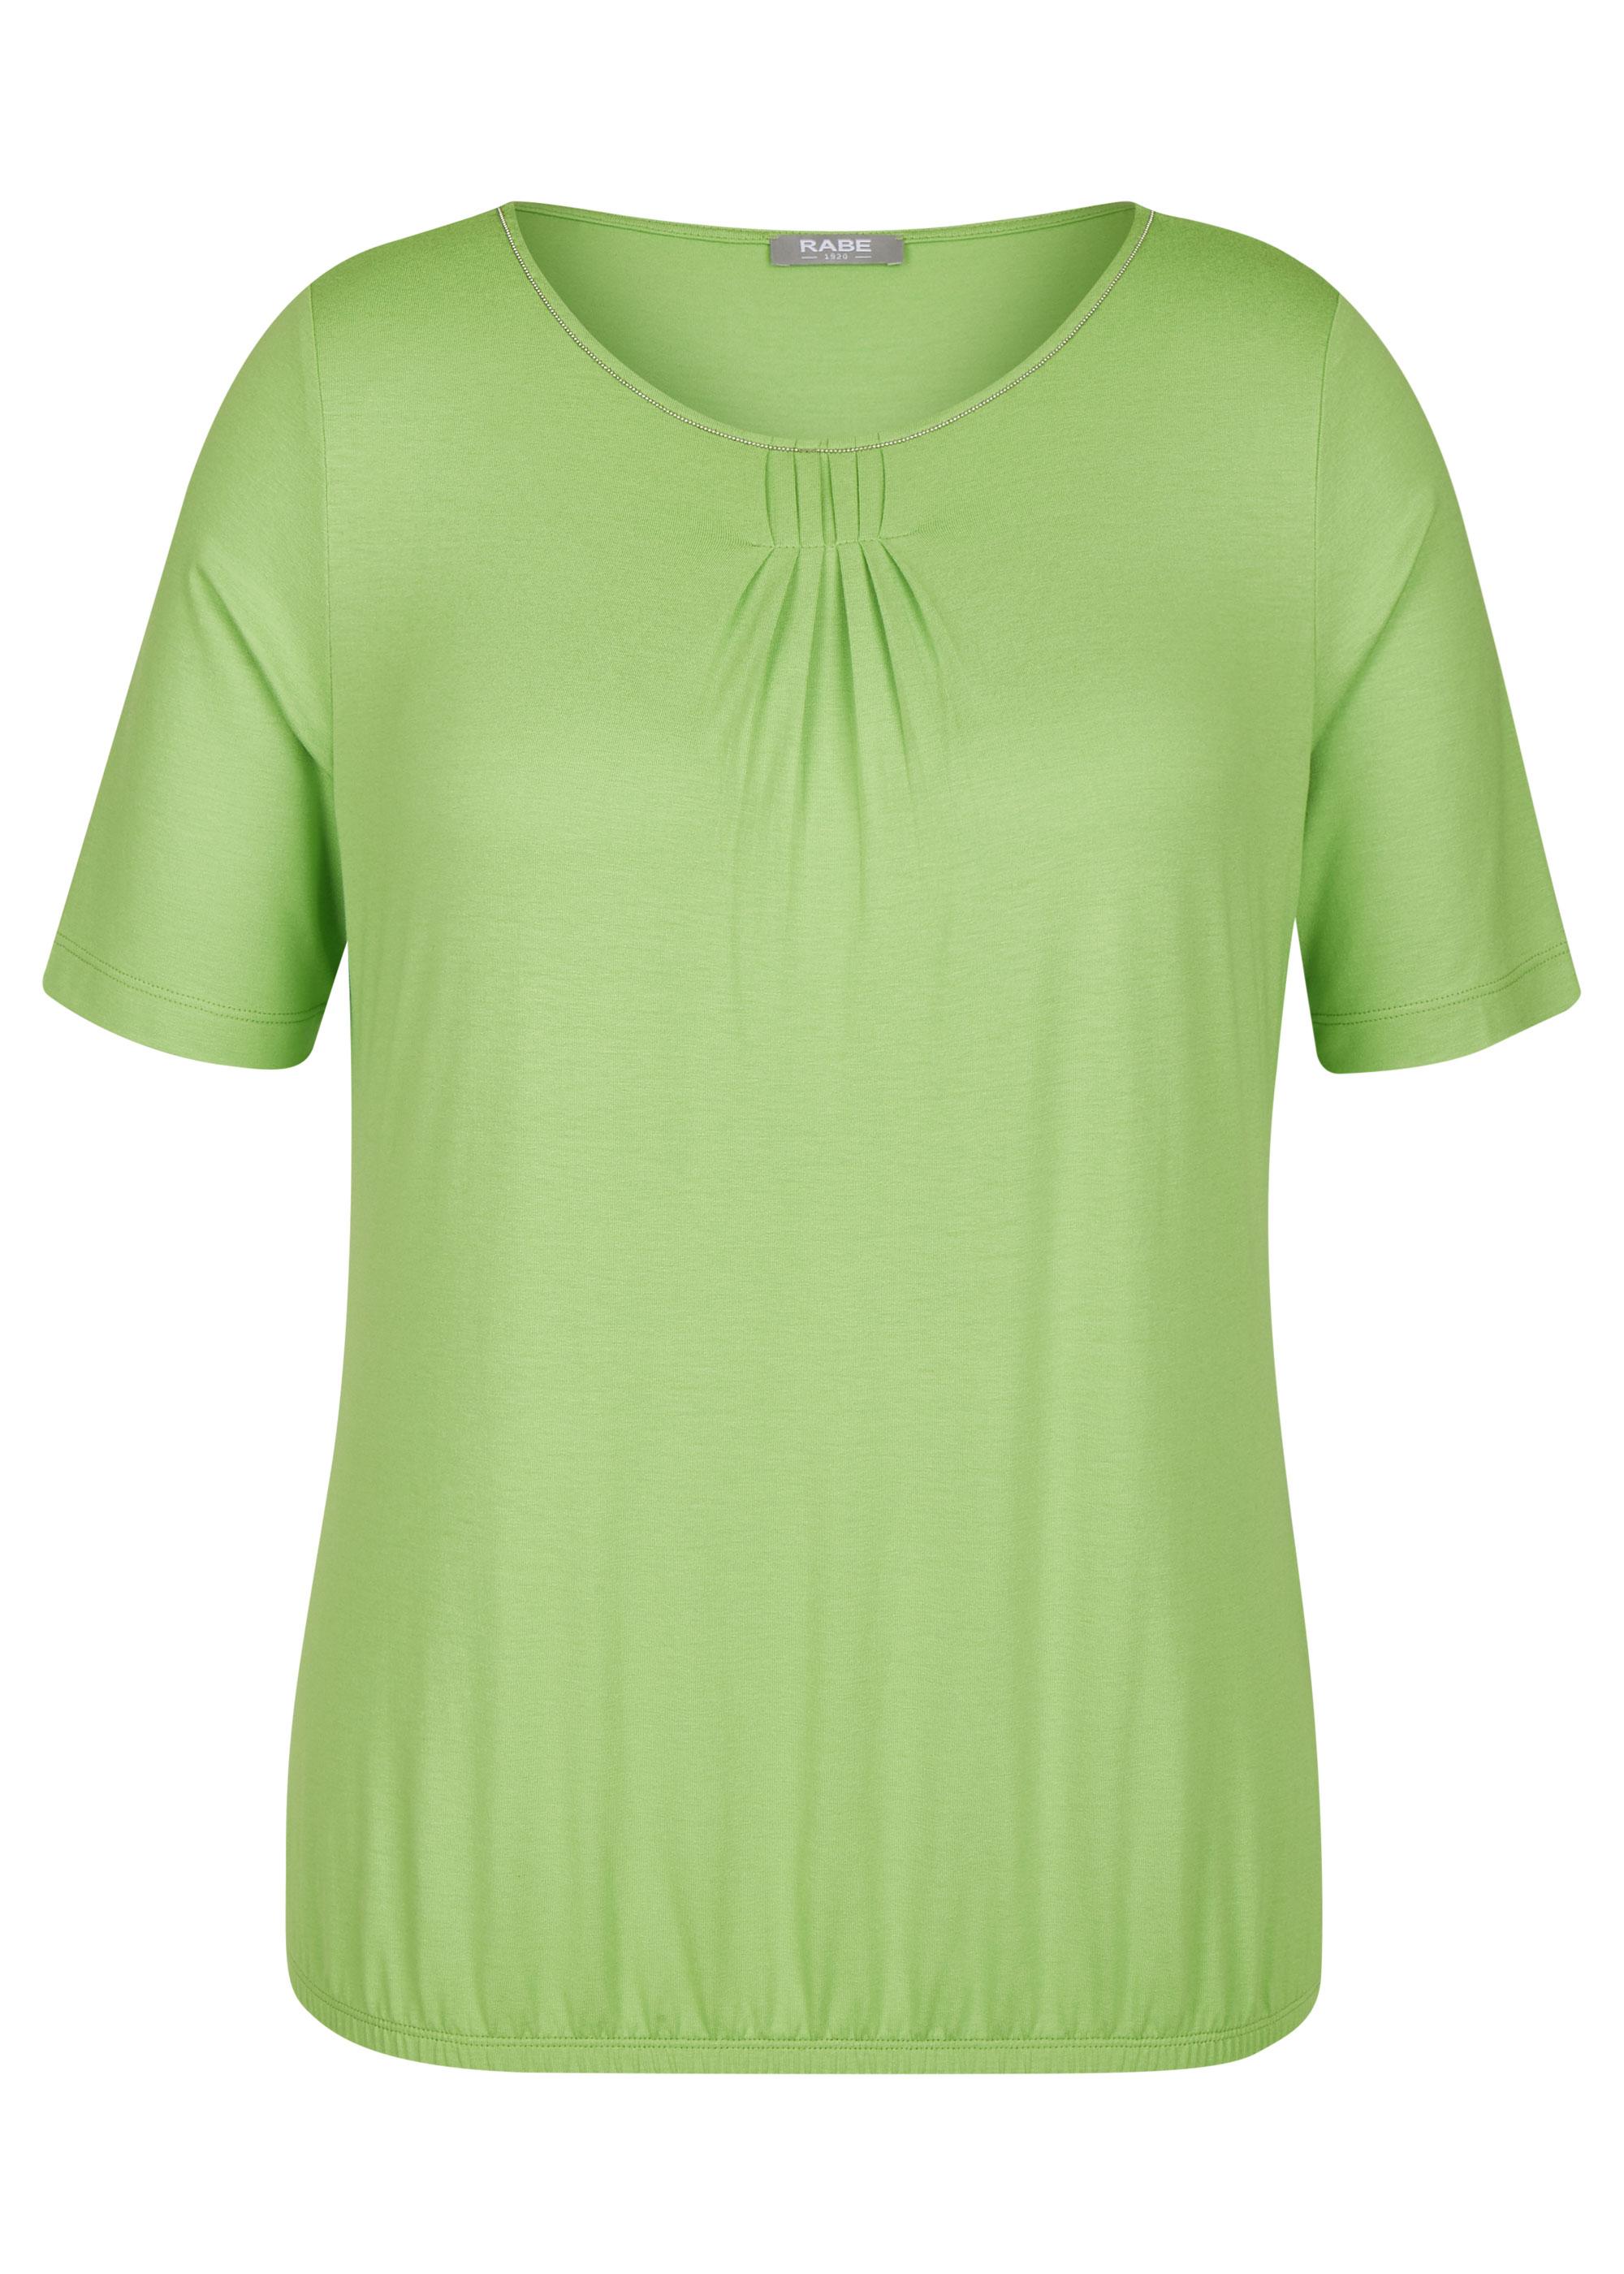 Rabe Basics Shirt